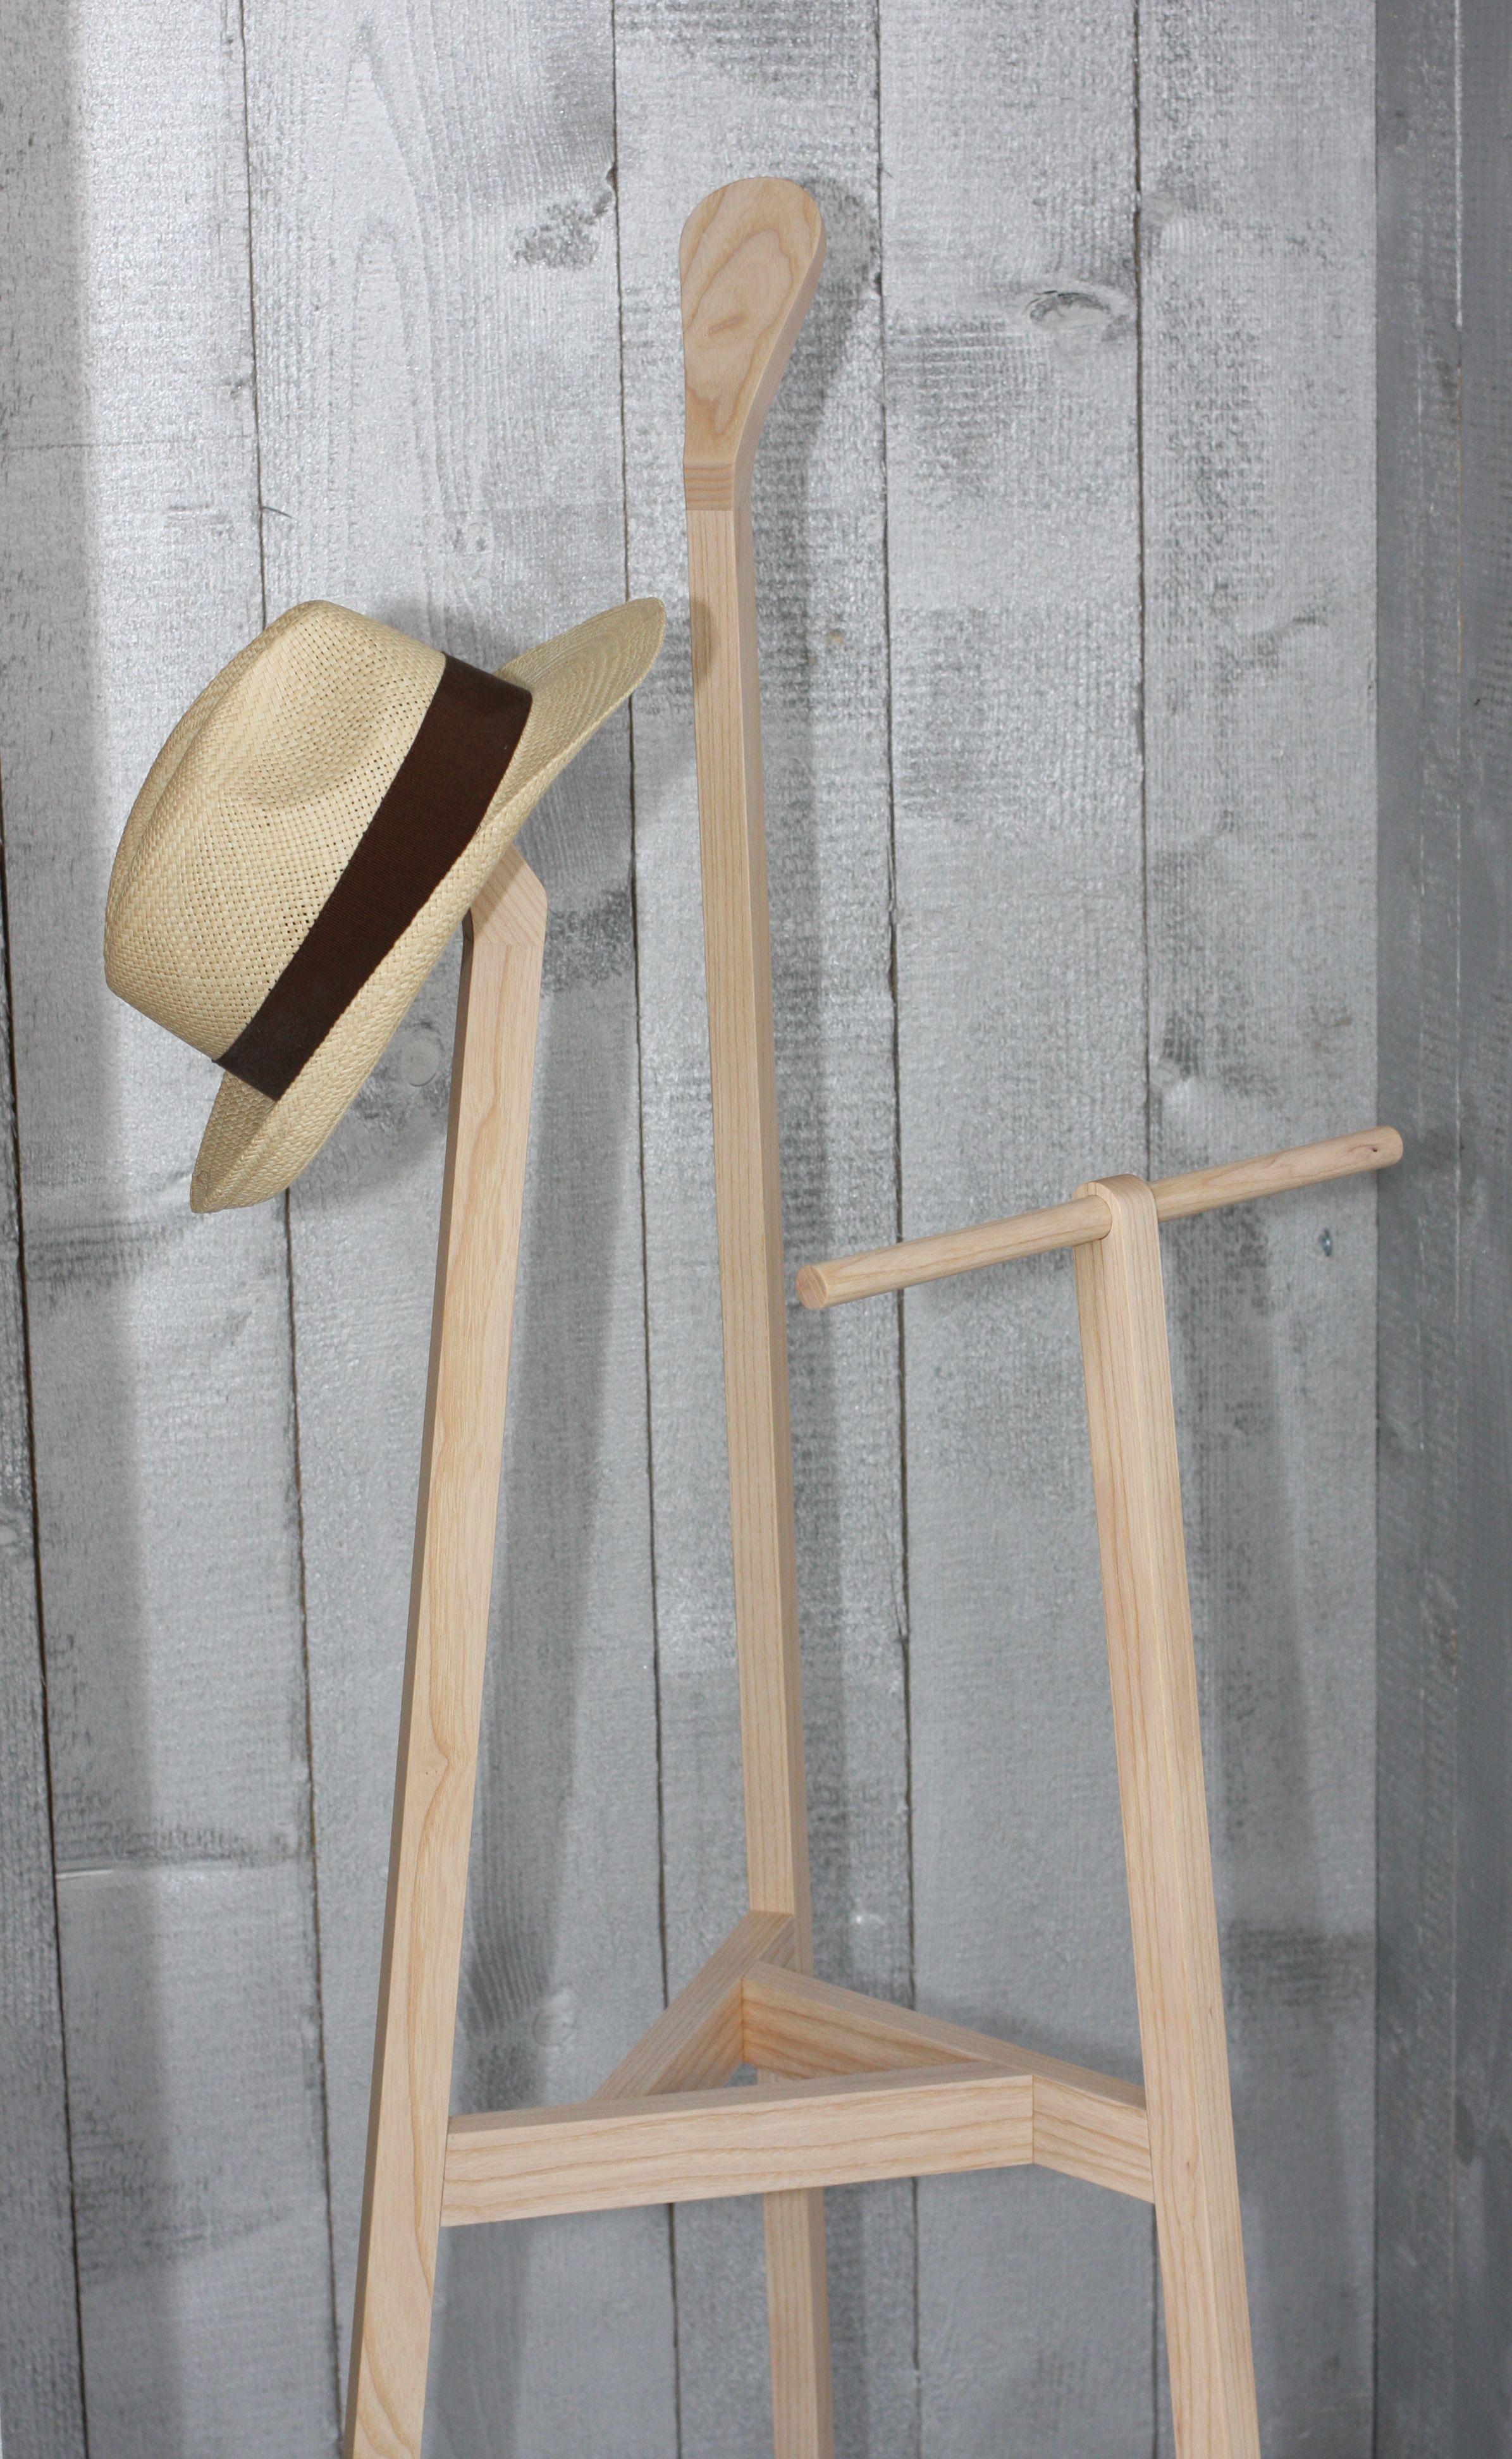 dmy berlin schweiz smow blog deutsch. Black Bedroom Furniture Sets. Home Design Ideas